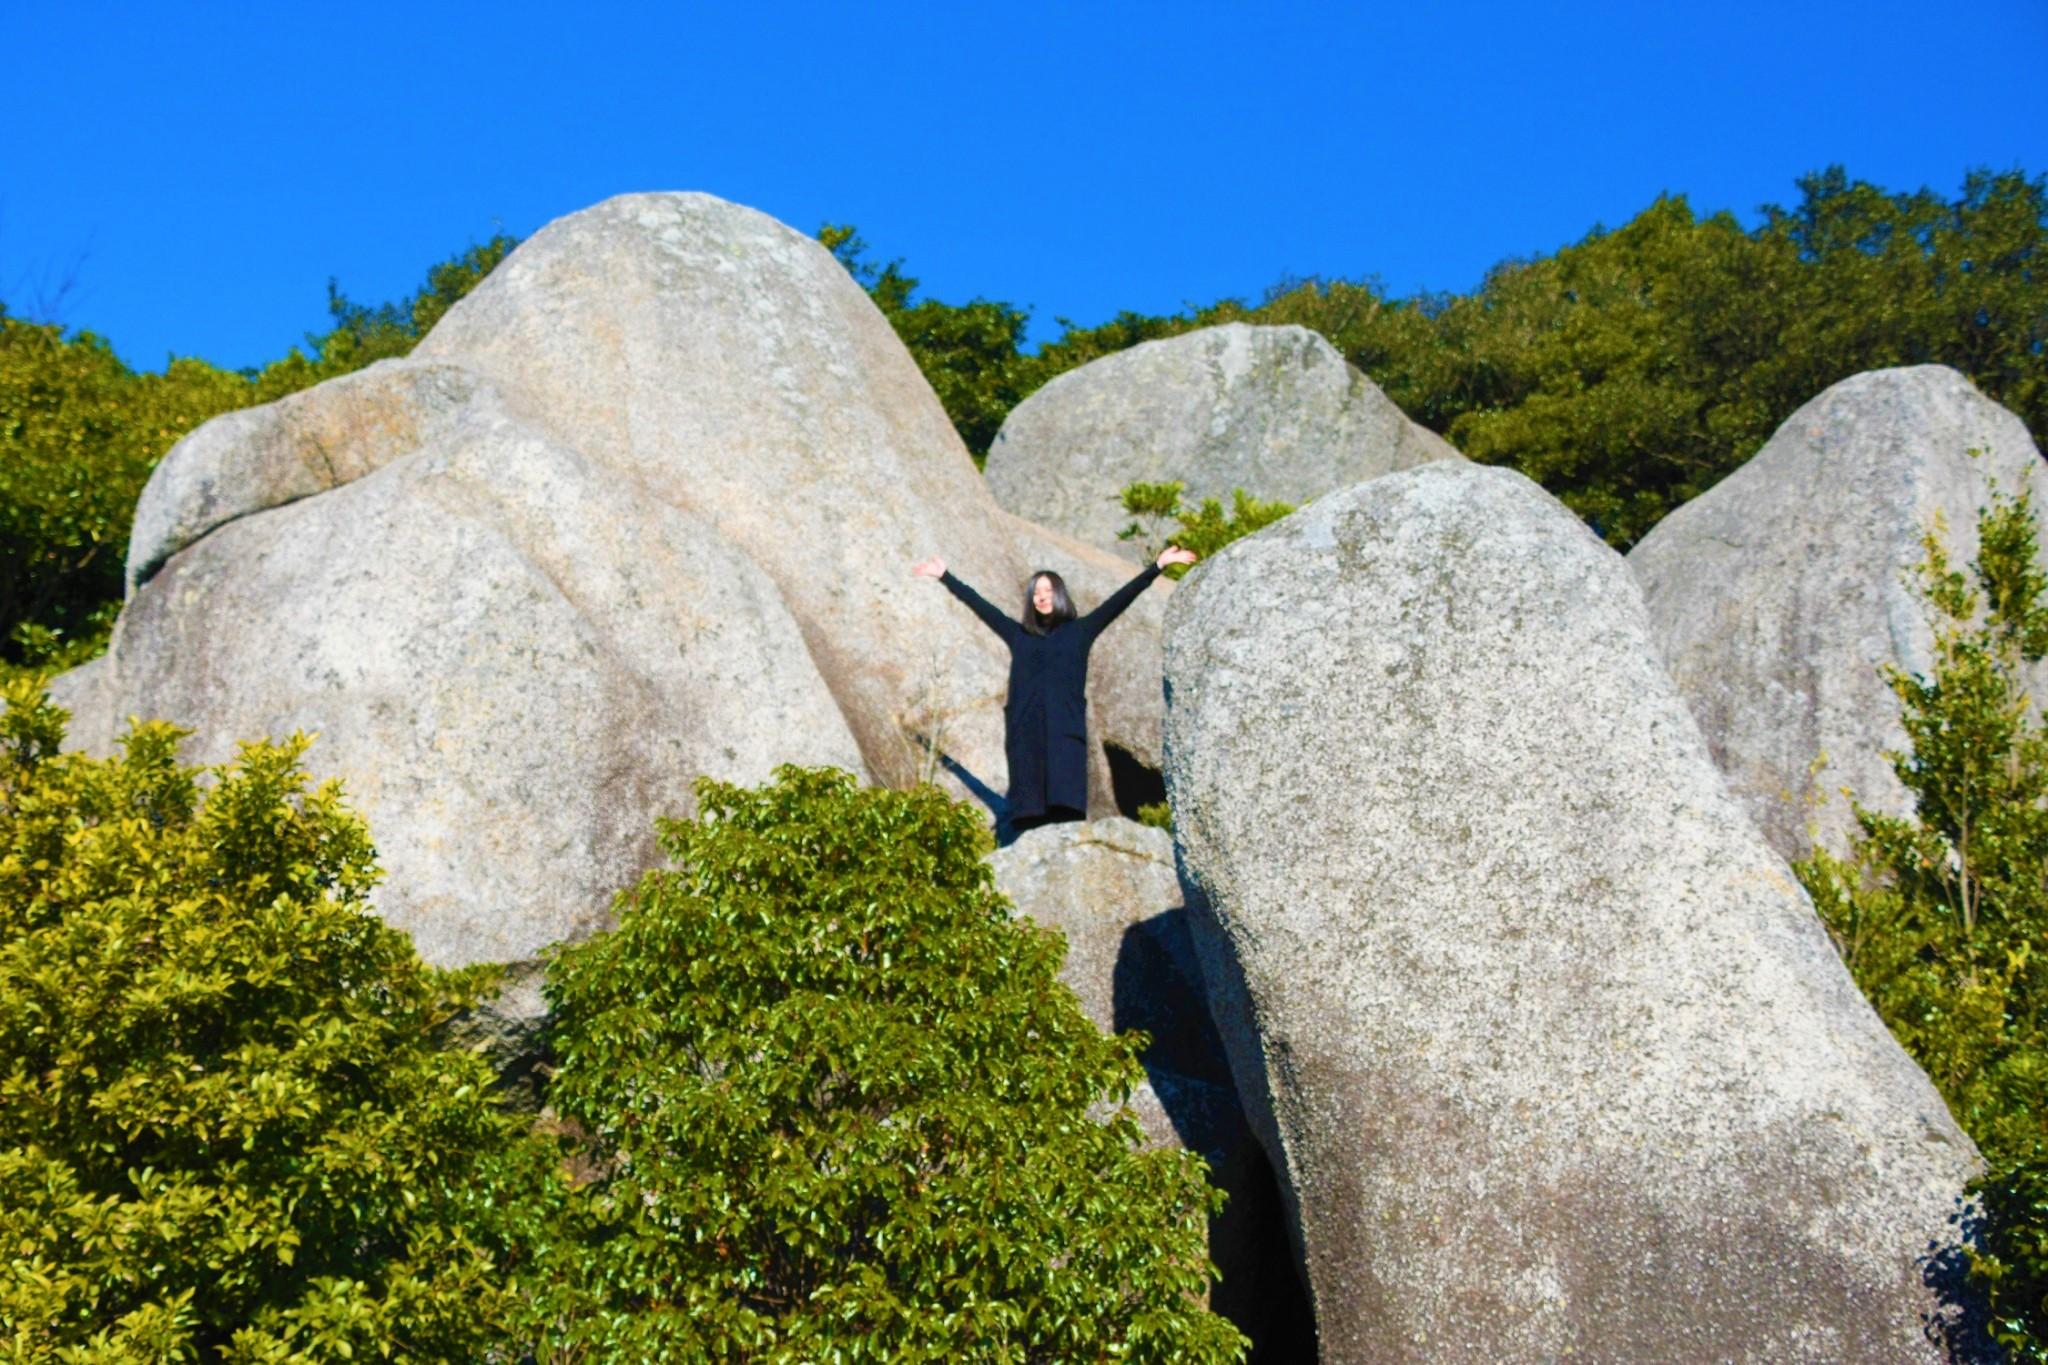 高知の摩訶不思議!謎の大岩しかないミステリーパワースポット「唐人駄場遺跡」